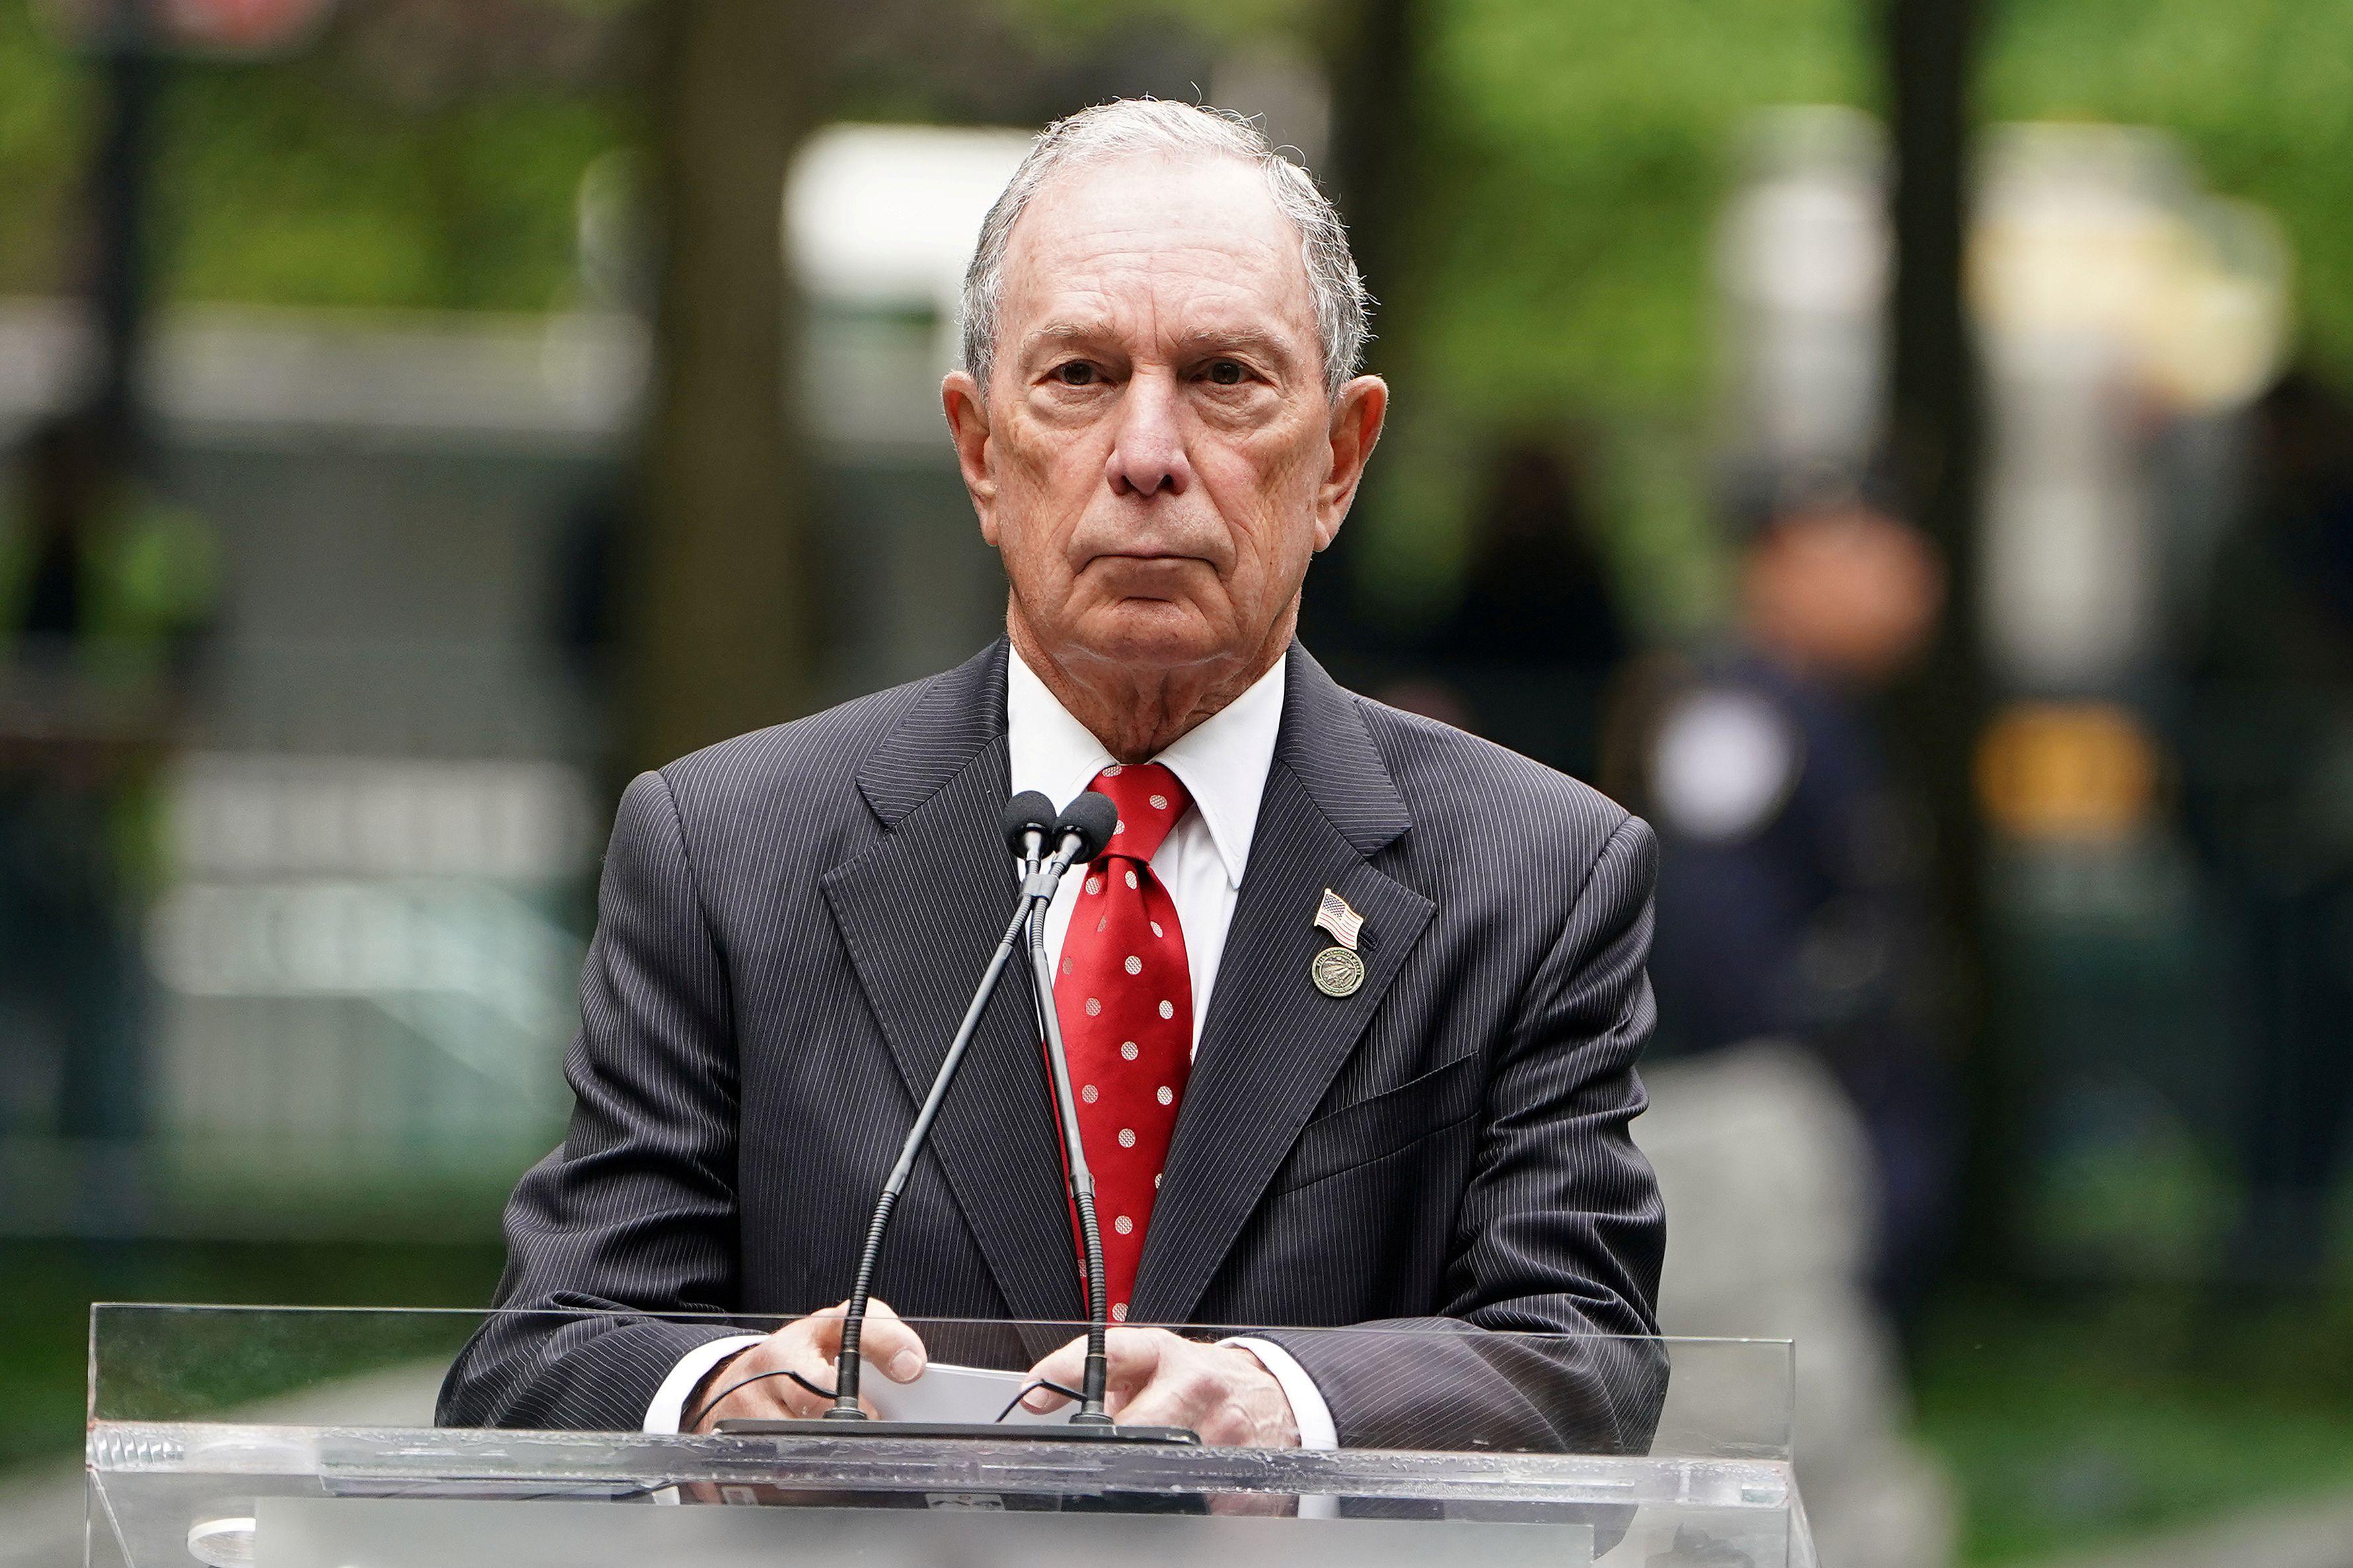 El ex alcalde de Nueva York Michael Bloomberg habla en Manhattan, el 30 de mayo de 2019 (REUTERS/Carlo Allegri/File Photo)